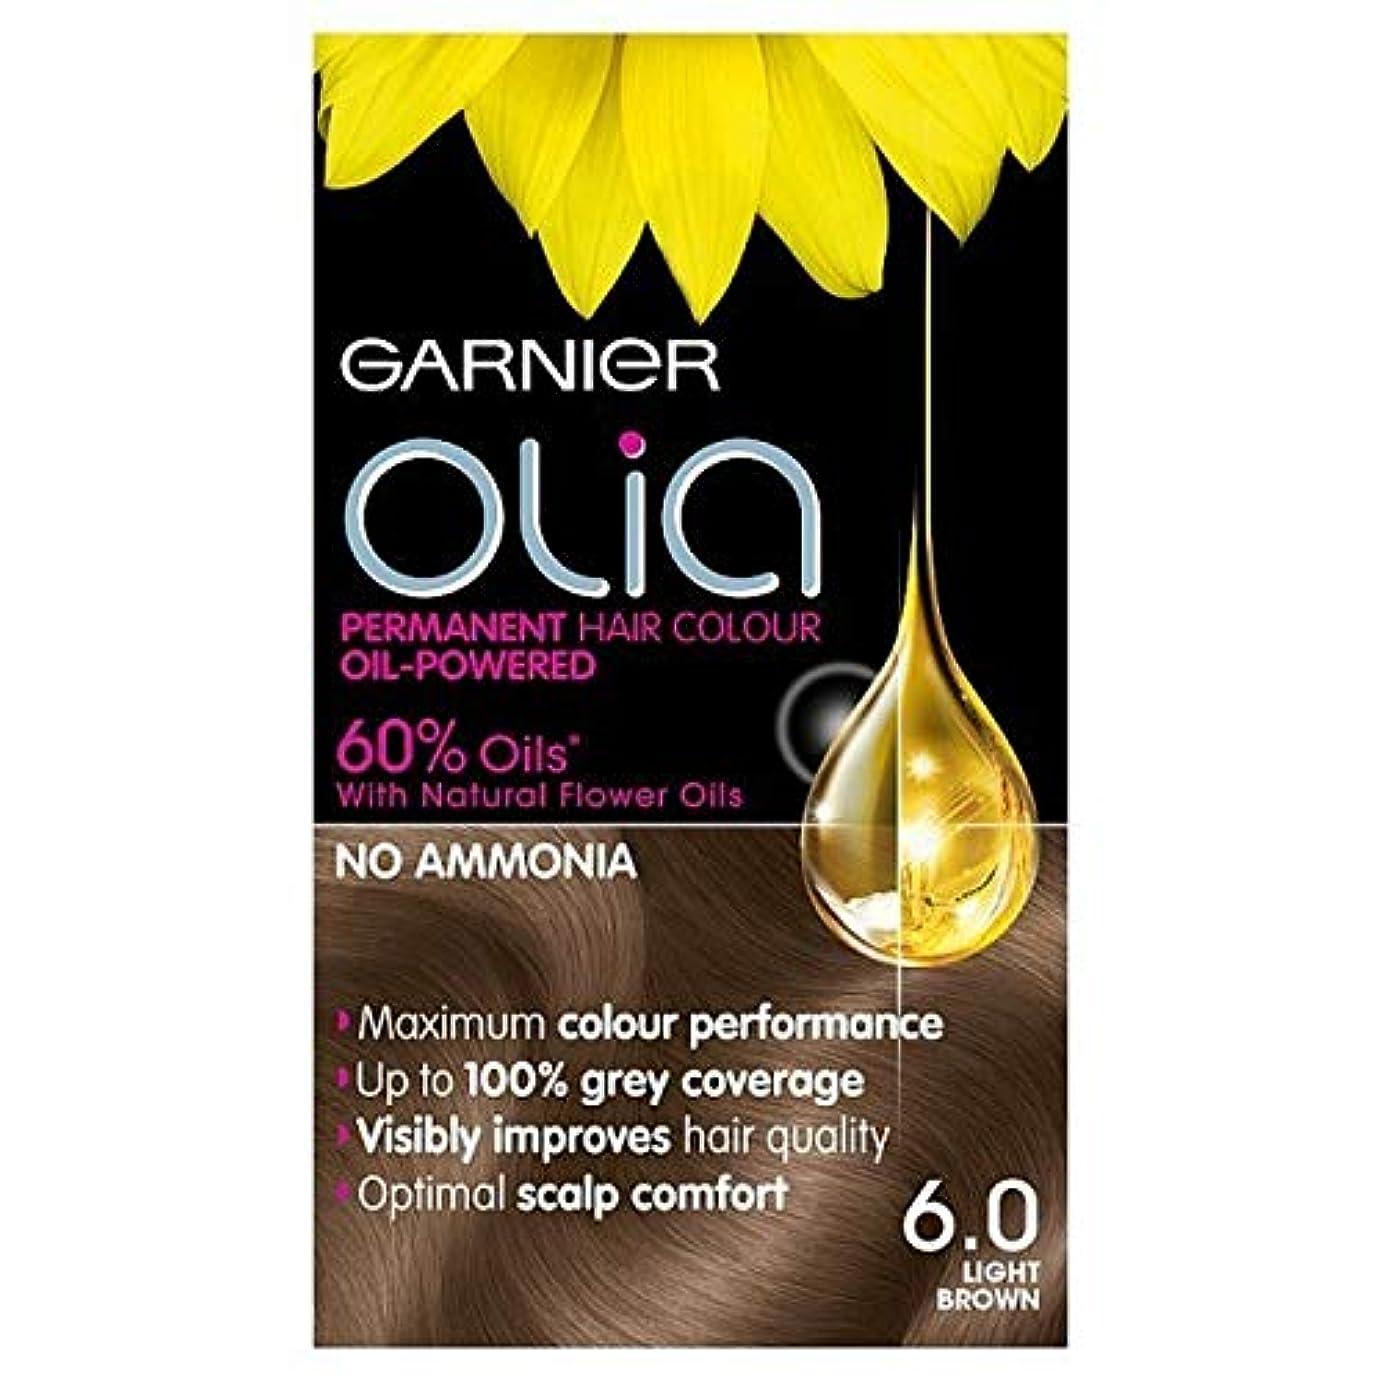 卒業記念アルバム前提条件持つ[Garnier ] 6.0ライトブラウンガルニエOliaパーマネントヘアダイ - Garnier Olia Permanent Hair Dye Light Brown 6.0 [並行輸入品]